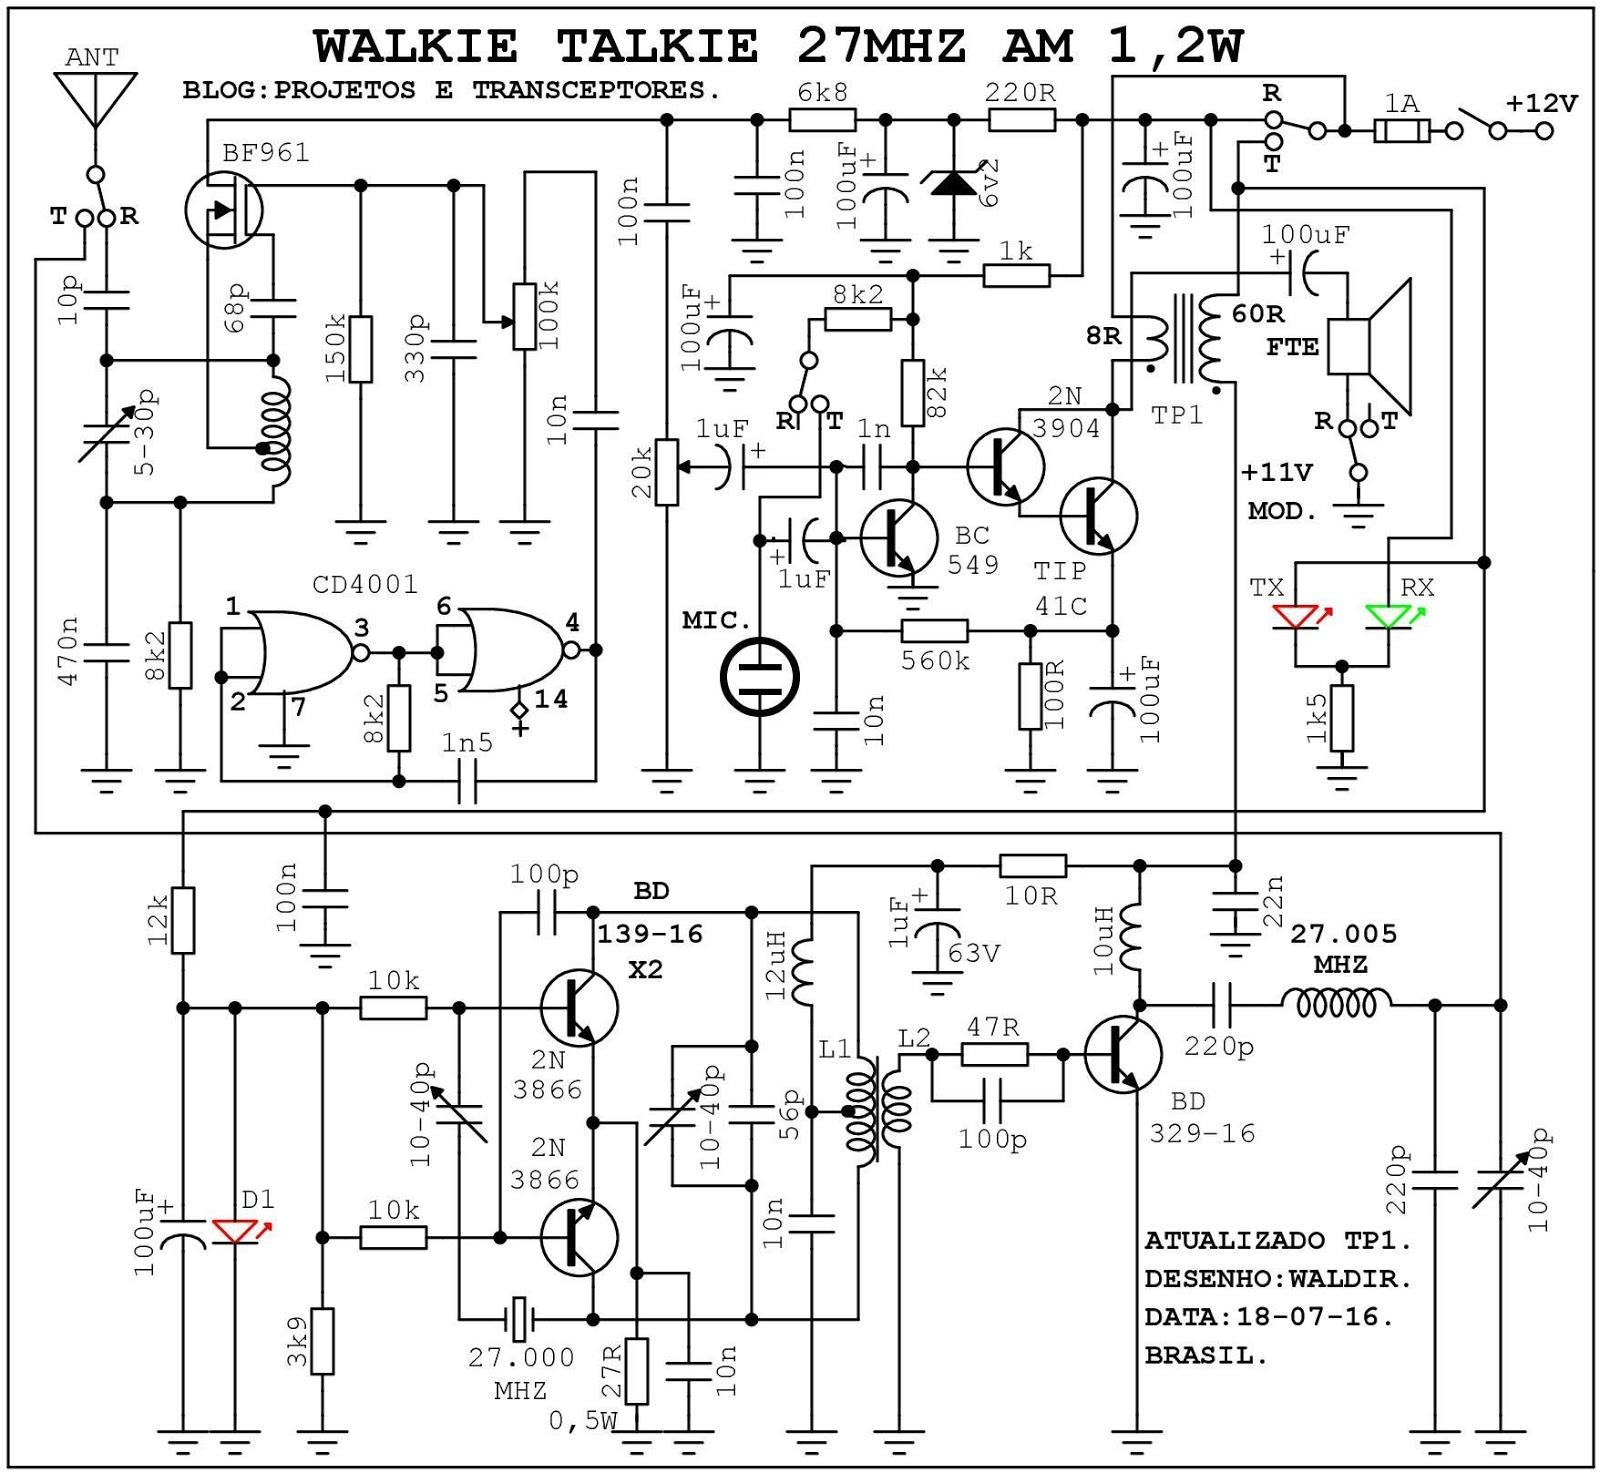 circuito walkie talkie casero  c u00f3mo hacer un walkie talkie